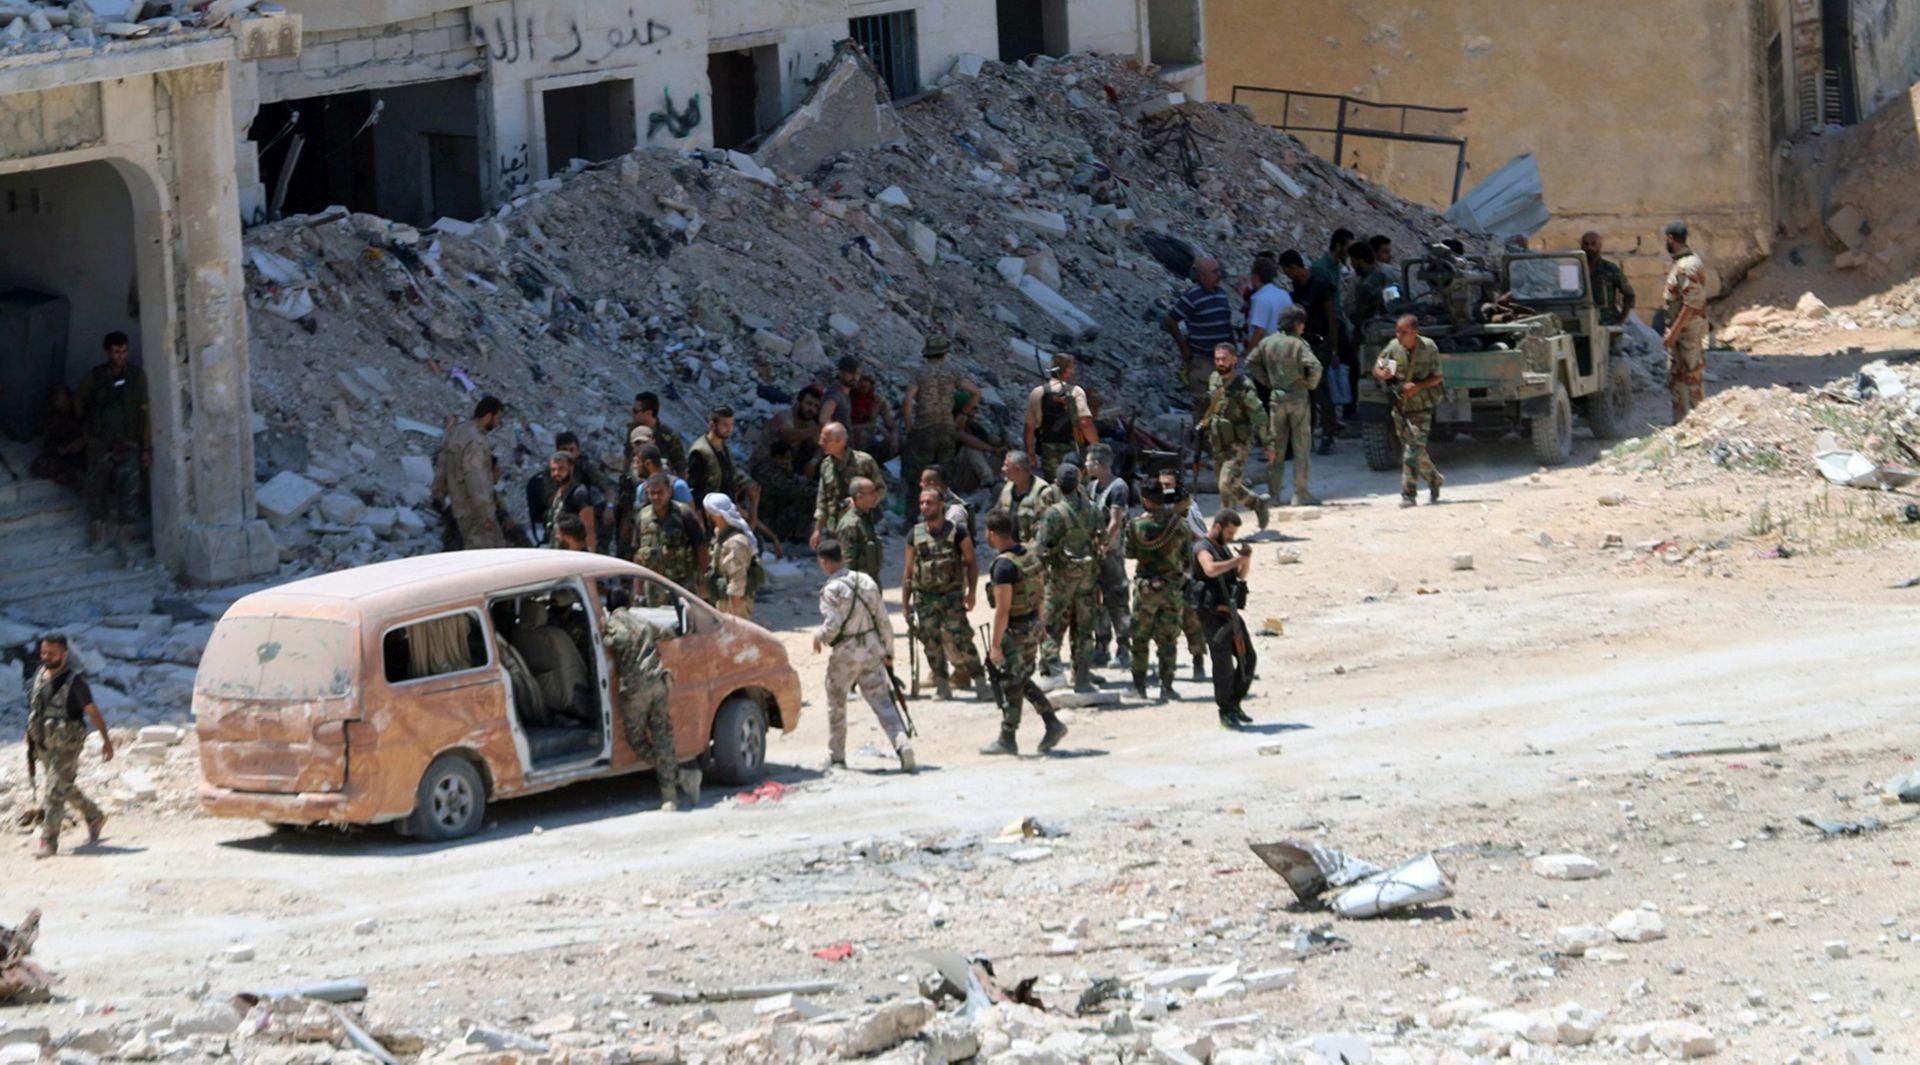 Sirijska vojska zauzela strateški važno područje Alepa, pobunjenici kažu da borba nije gotova